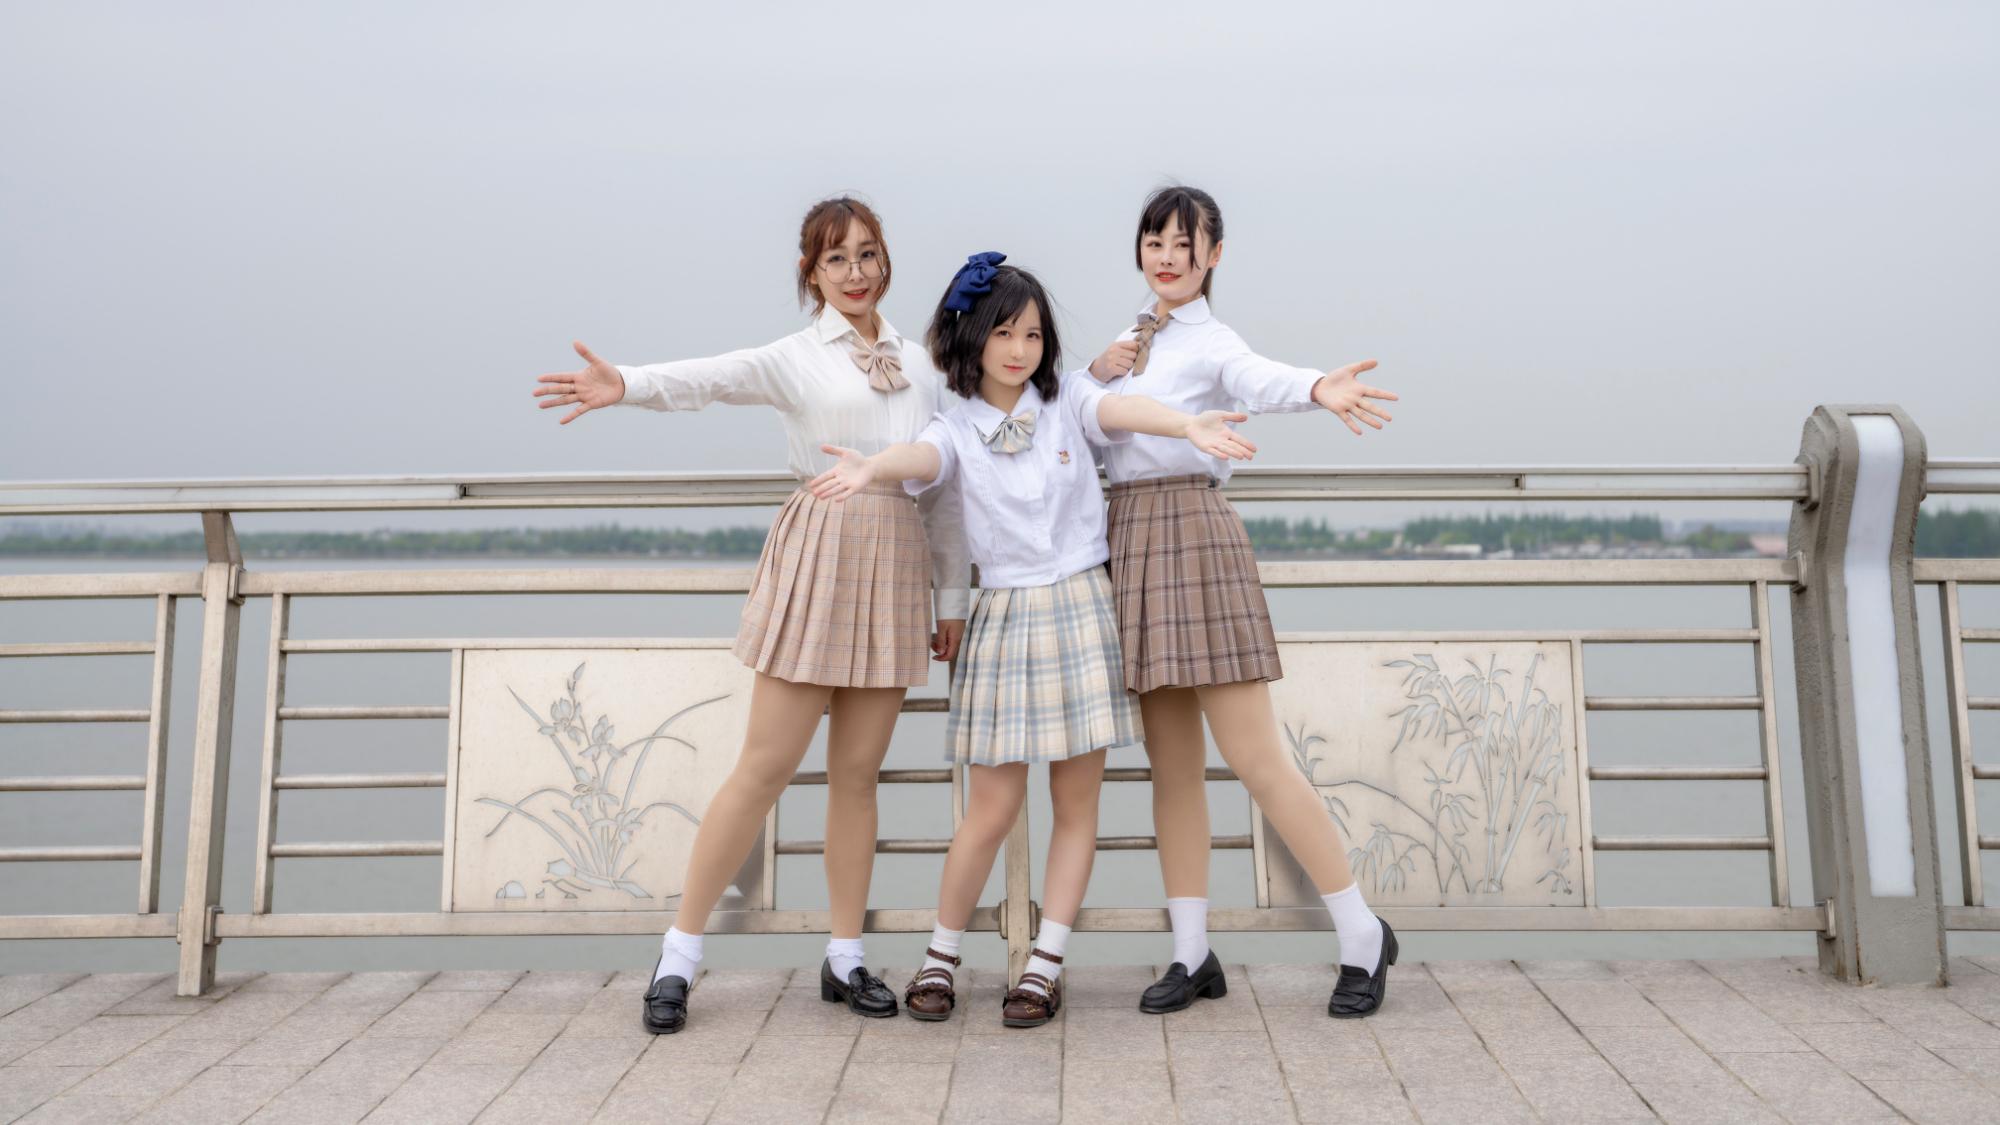 【月半的逆袭】微胖女孩也配出道!青春有你2主题曲YES!OK!